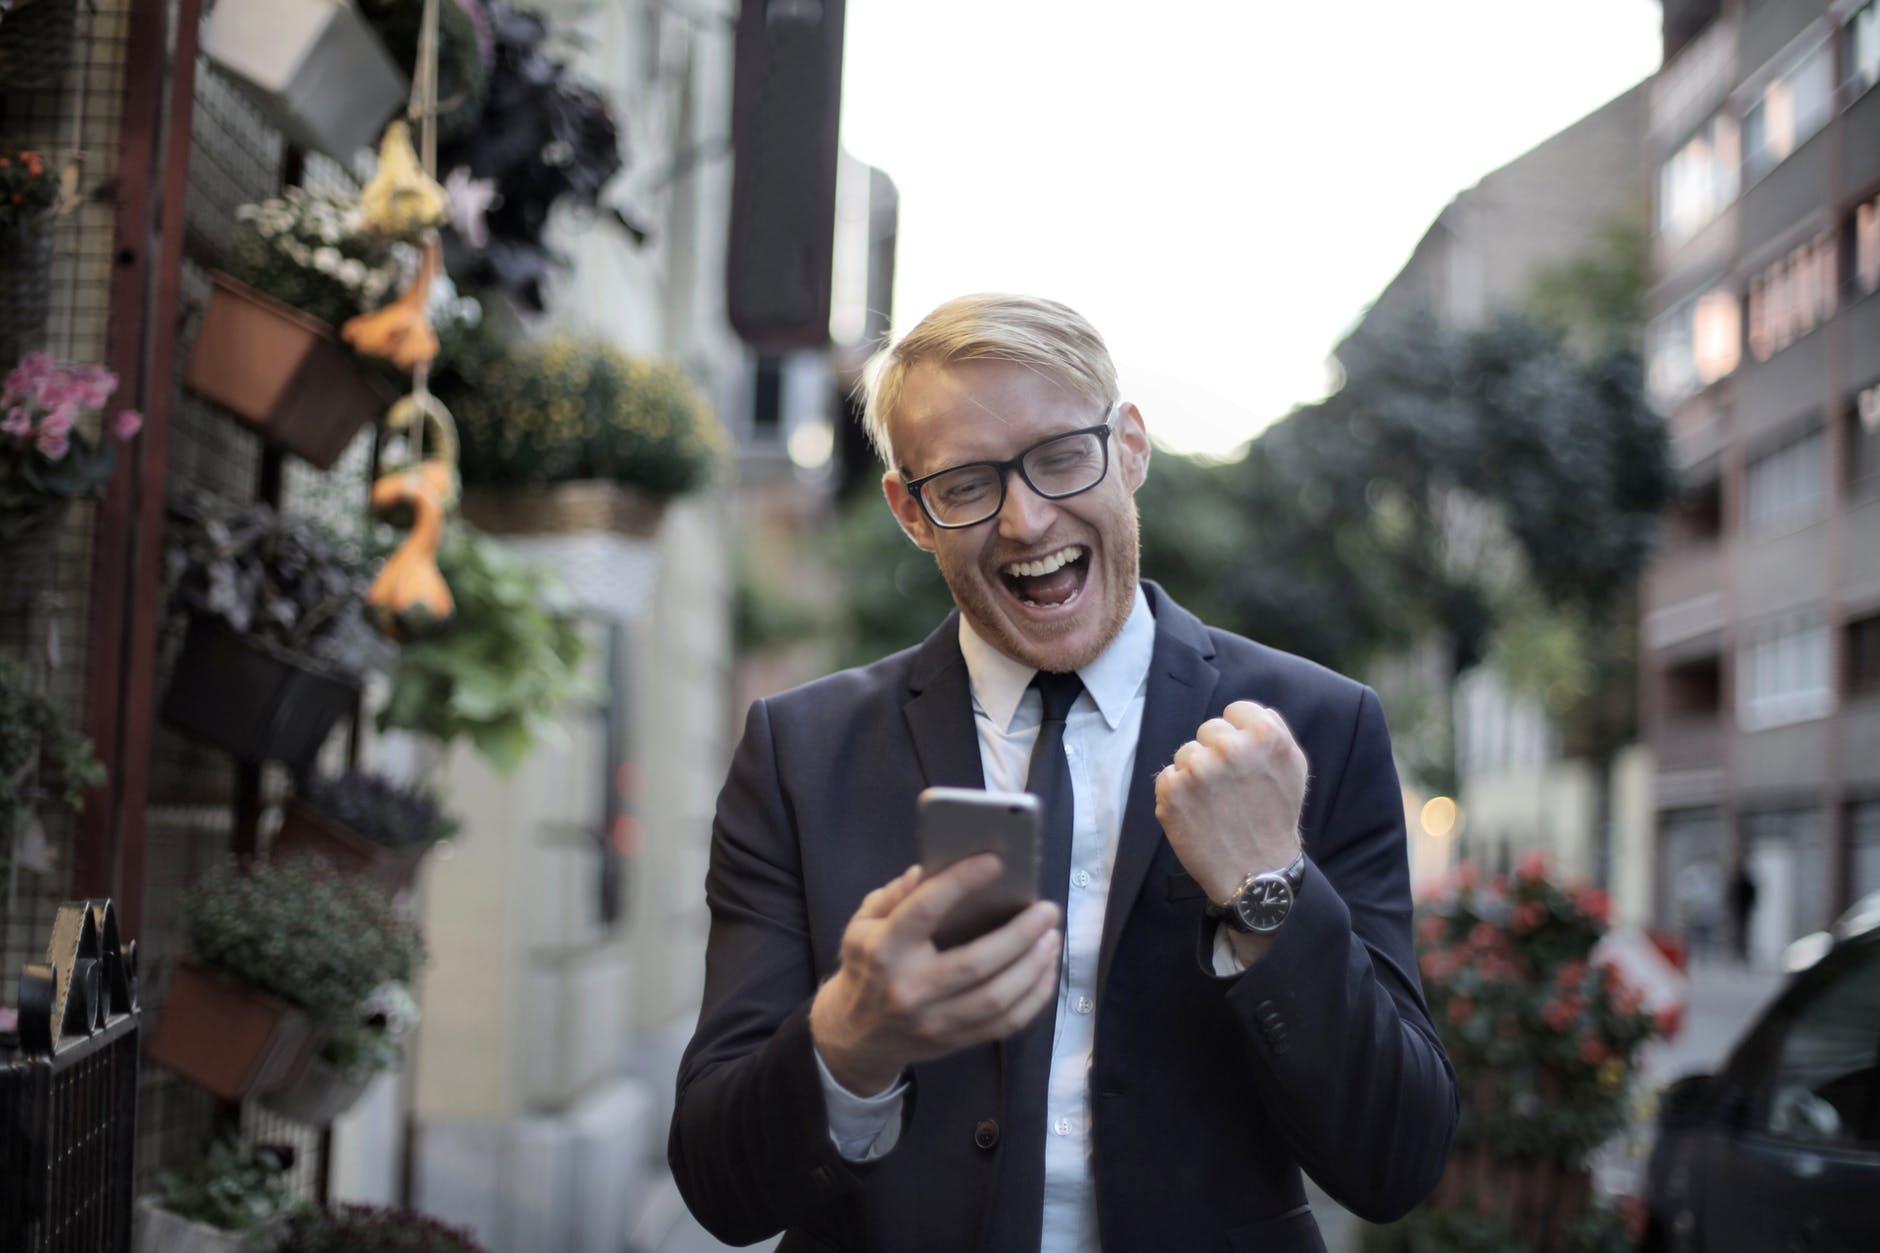 ФОТО: Как эффективно продавать по телефону — узнайте на этом онлайн-интенсиве